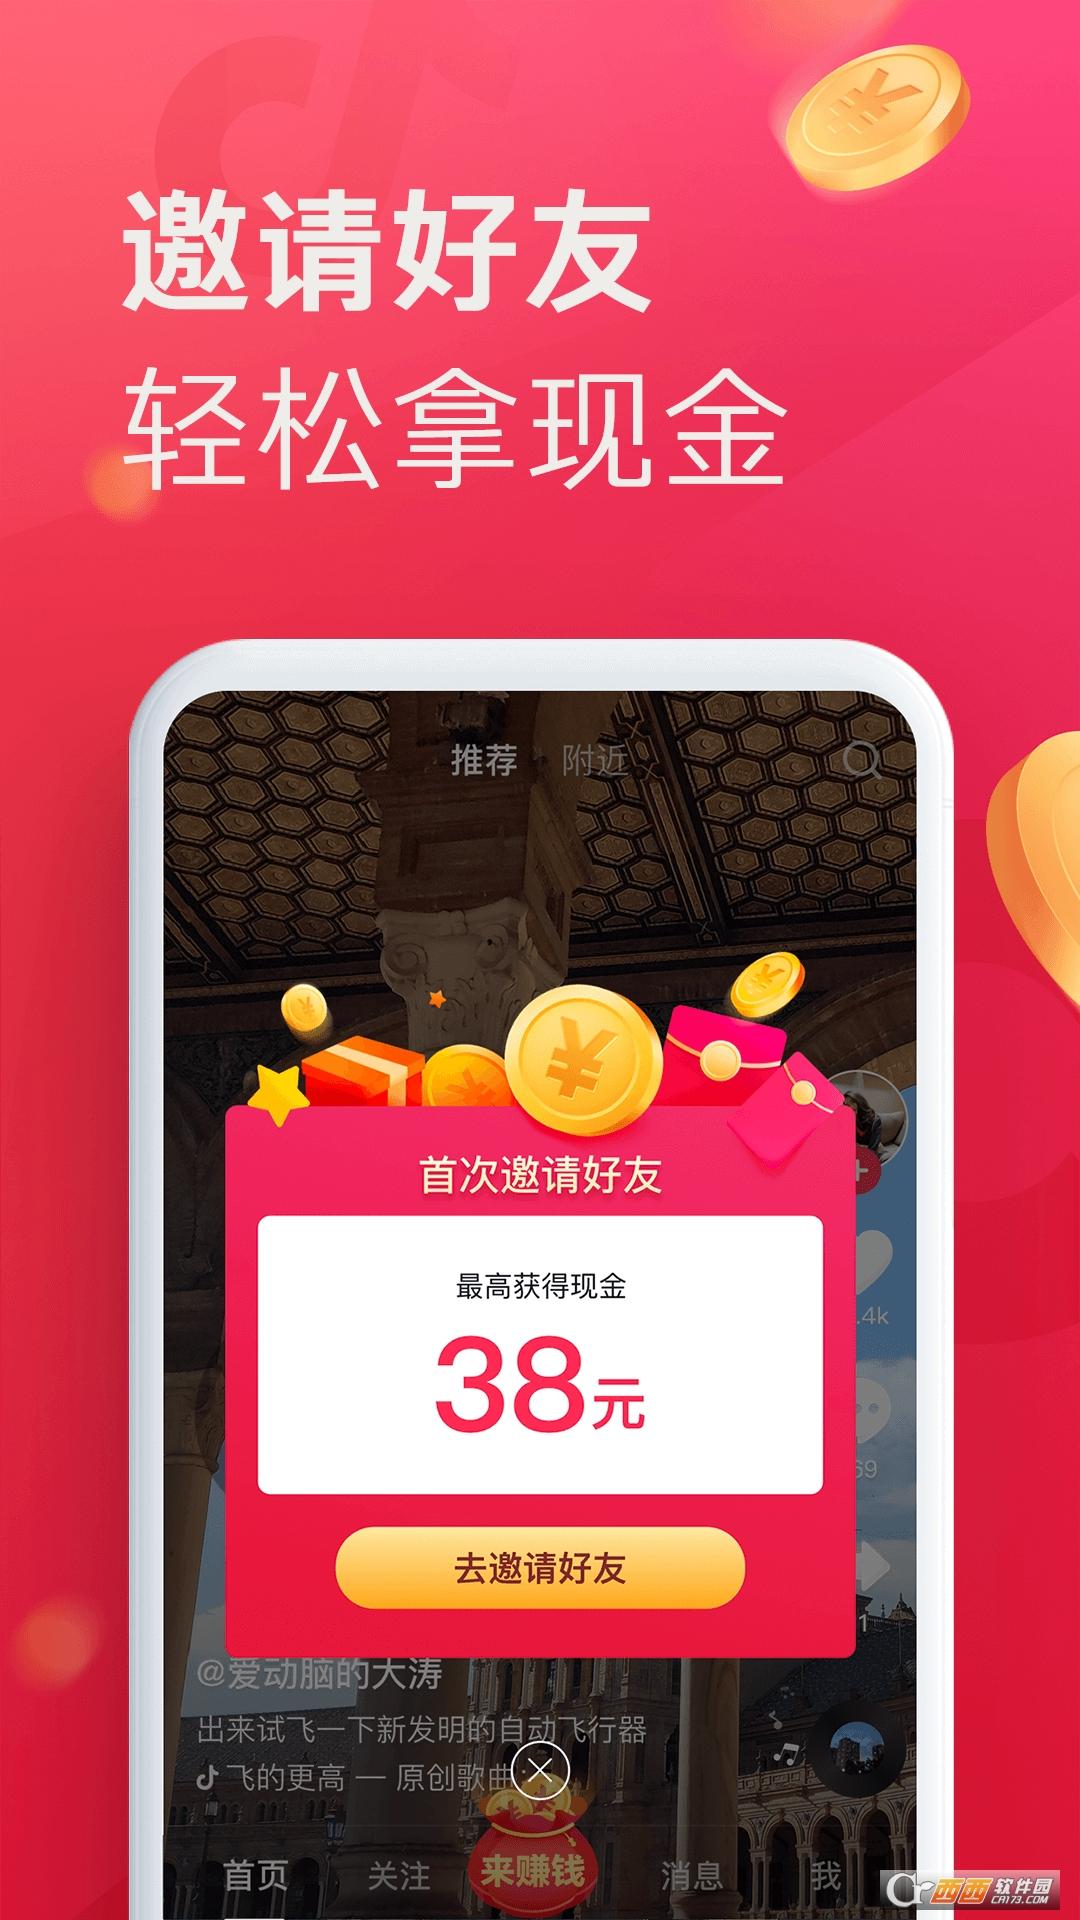 抖音极速版赚钱app v16.6.1 安卓版